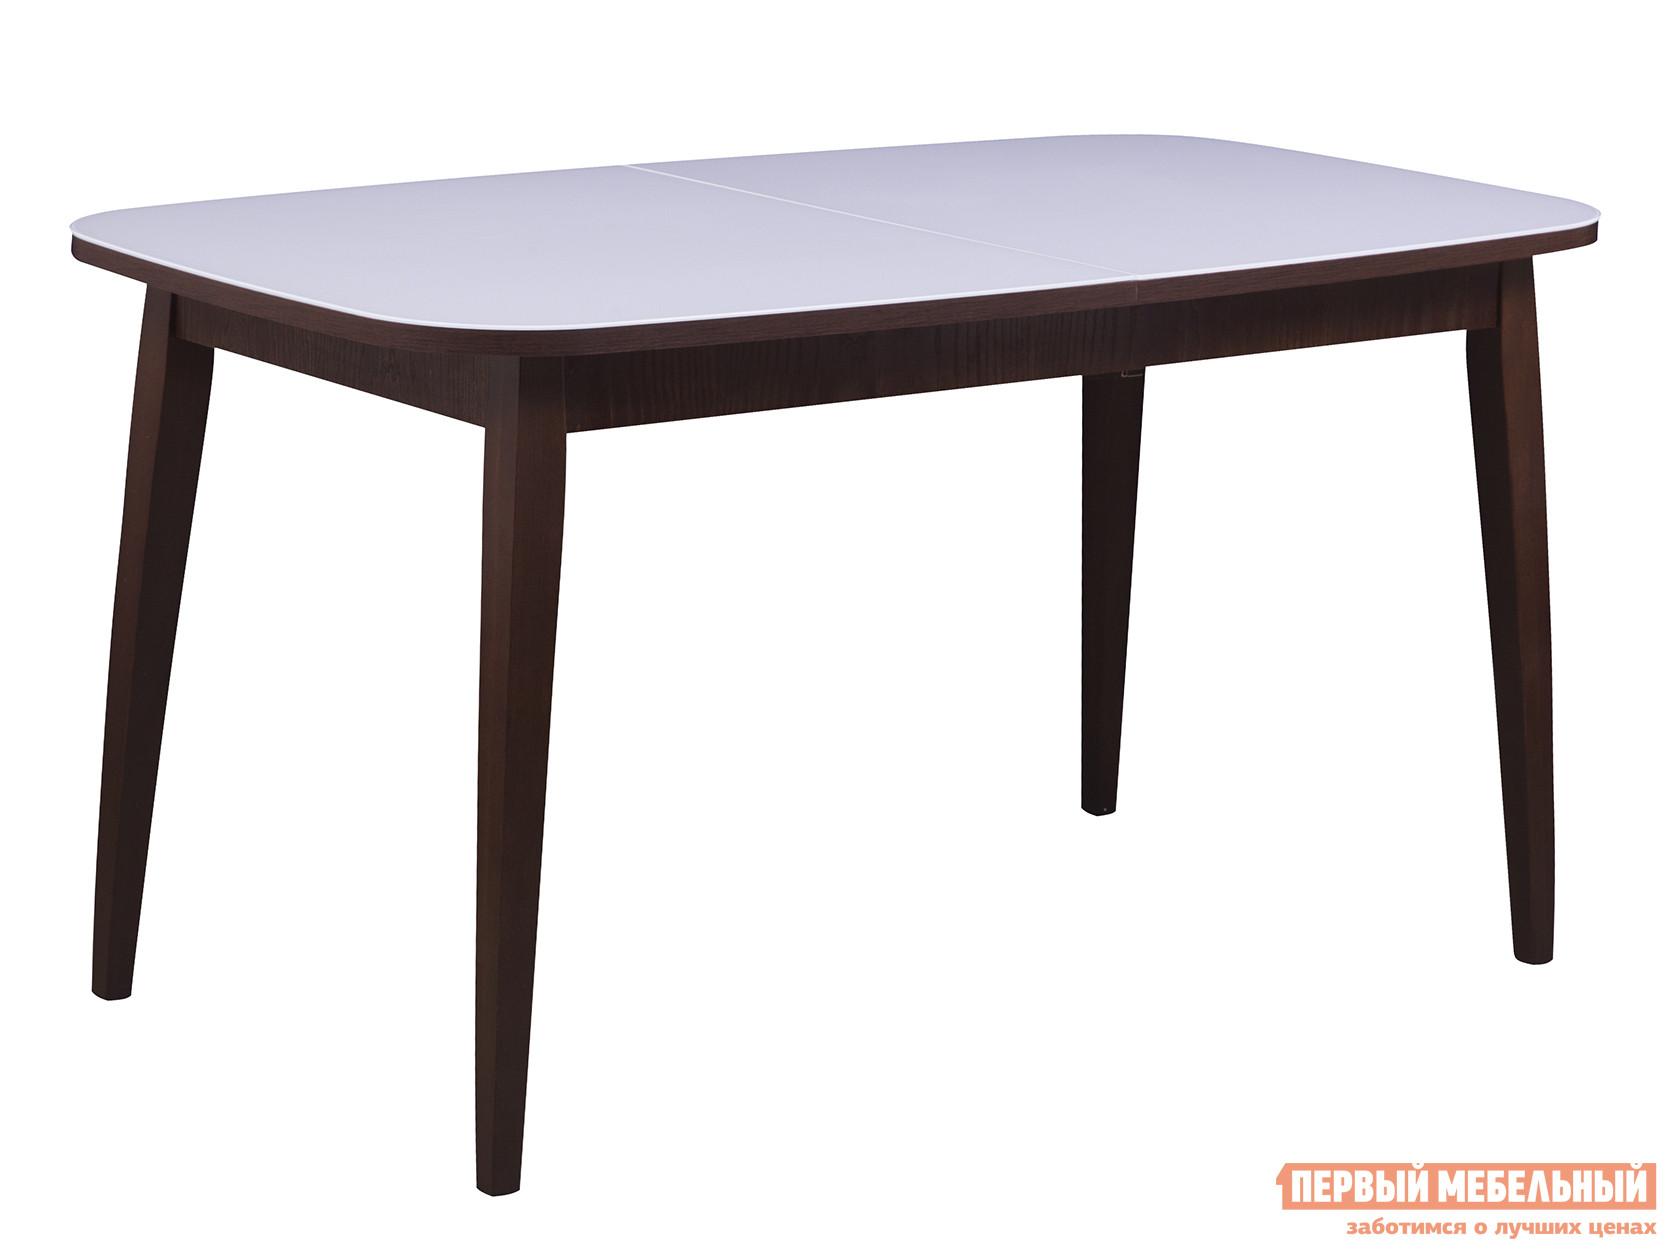 Обеденный стол Mebwill Стол Турин